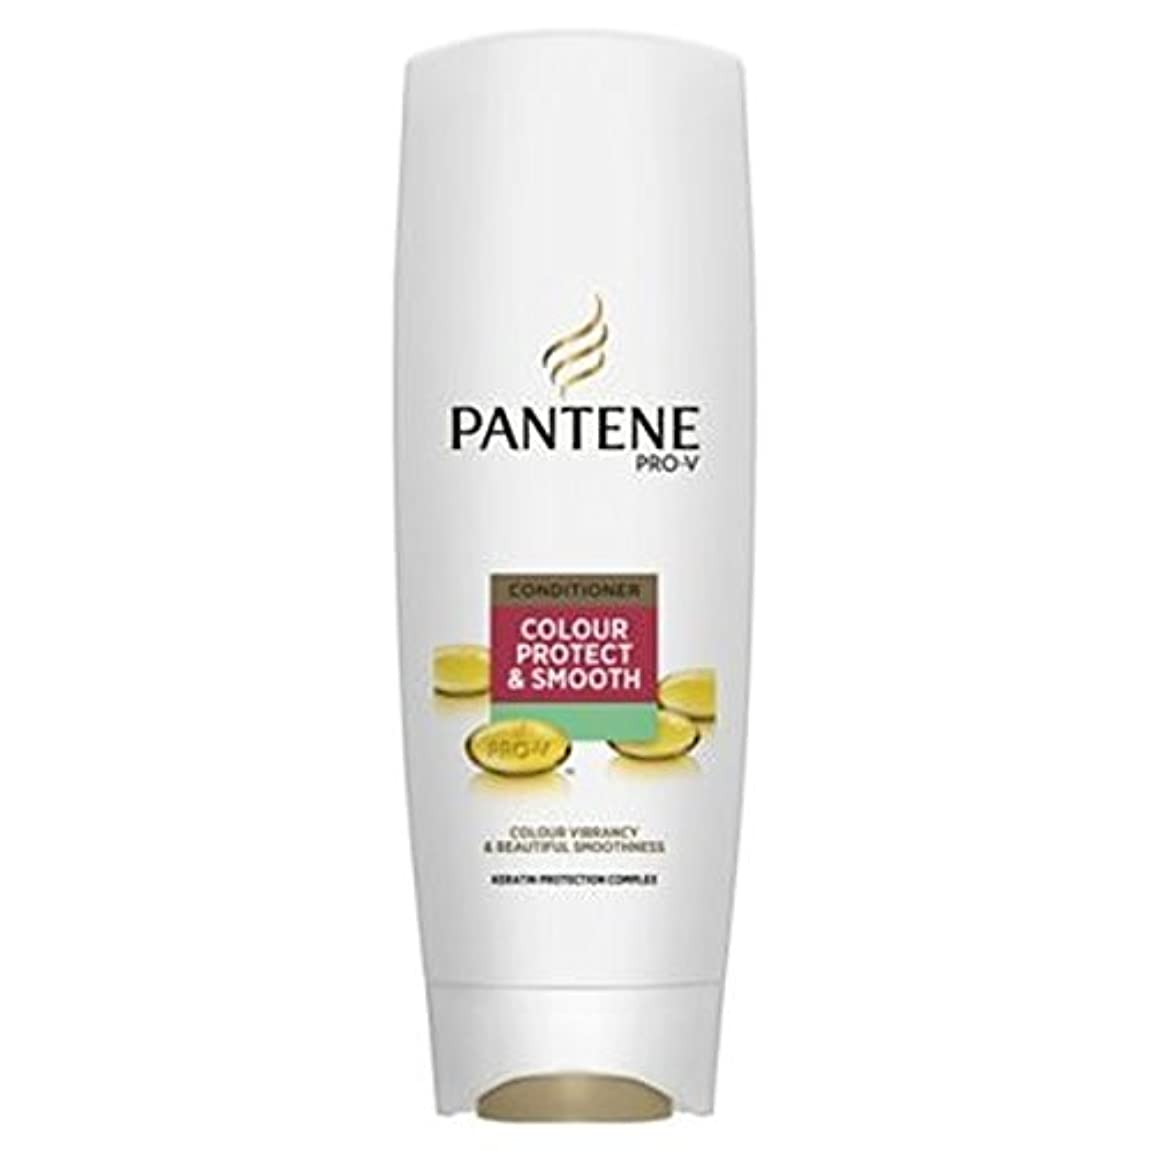 ギネスレポートを書く悪性腫瘍Pantene Pro-V Colour Protect & Smooth Conditioner 360ml - パンテーンプロVの色保護&スムーズコンディショナー360ミリリットル (Pantene) [並行輸入品]